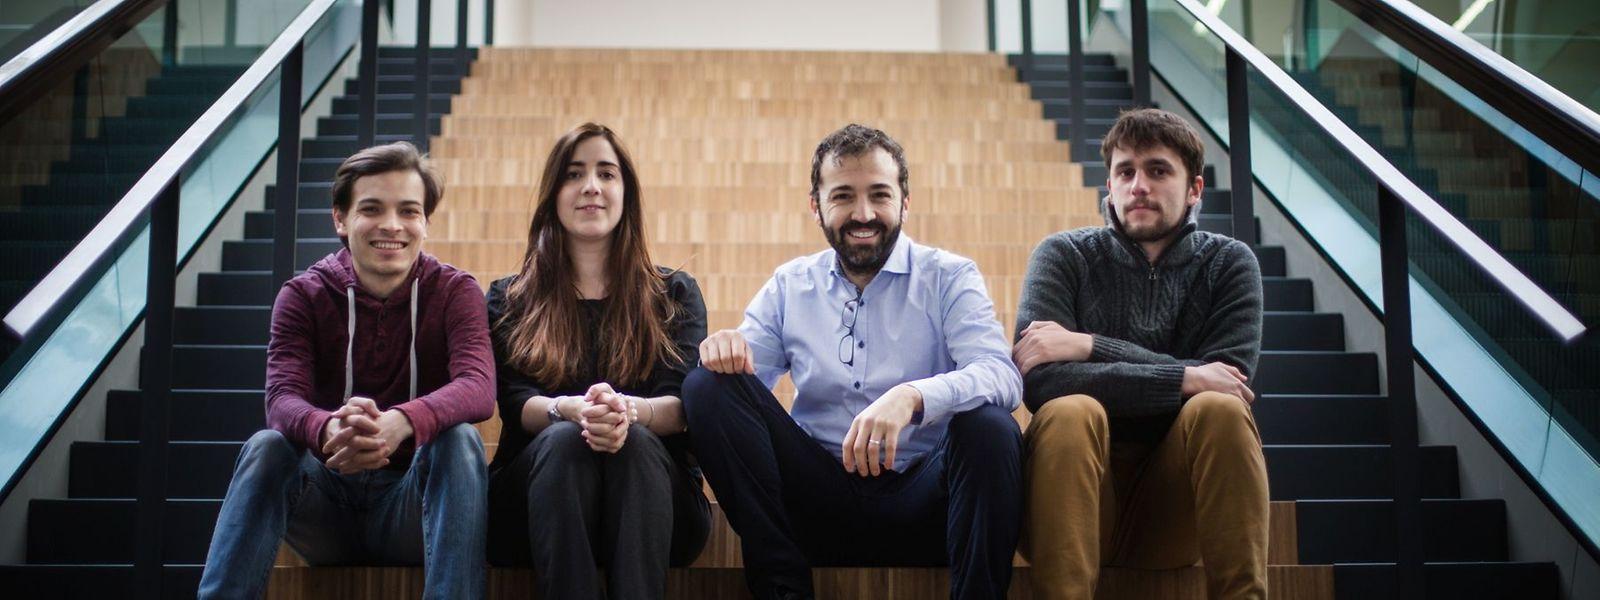 Brice Montagne, Maria Pena Lopez, Marc Cascant und Michael Bjorn Rasmussen – vier junge Europäer haben den Luxemburger Ableger der paneuropäischen Bewegung Diem25 gegründet.